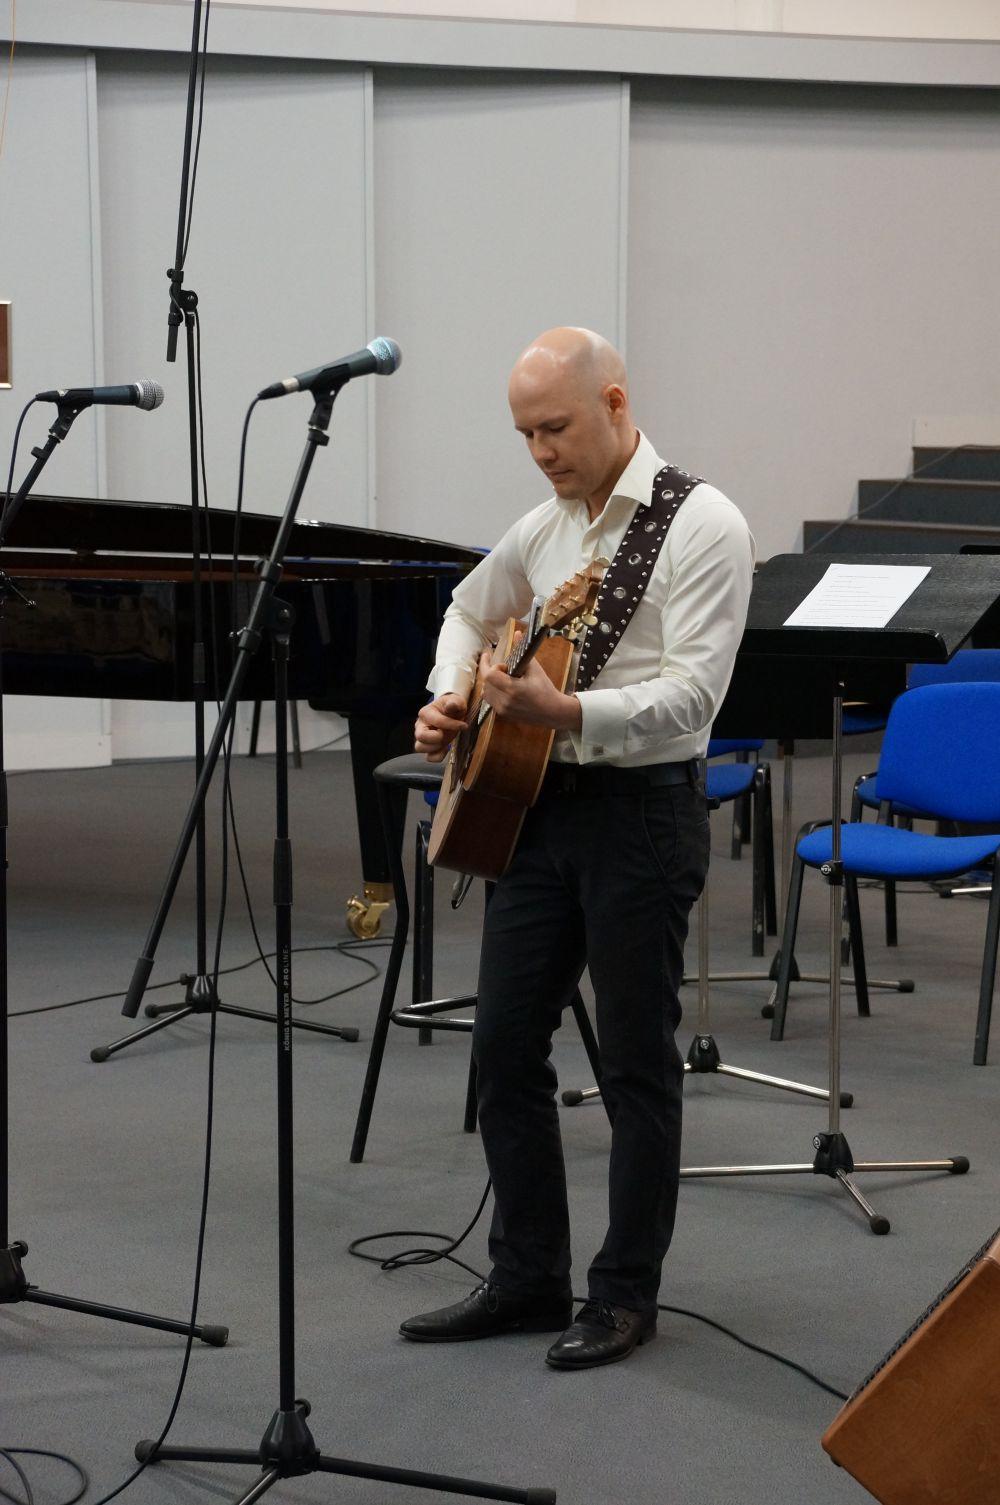 Виртуозный музыкант Данис Щербаков исполнил мелодии военных лет.